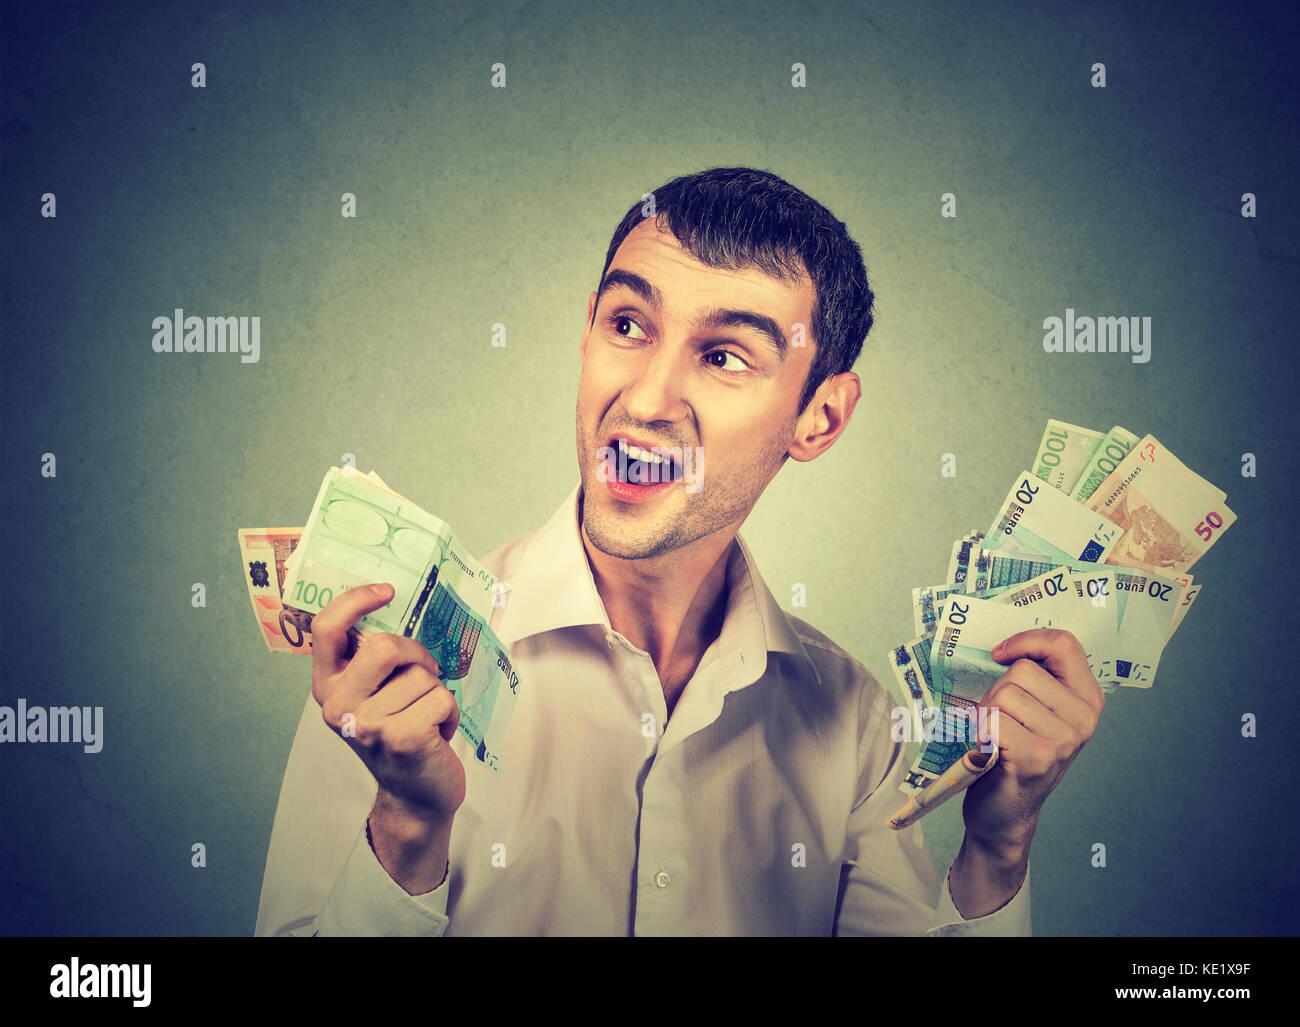 Happy man with money - Stock Image